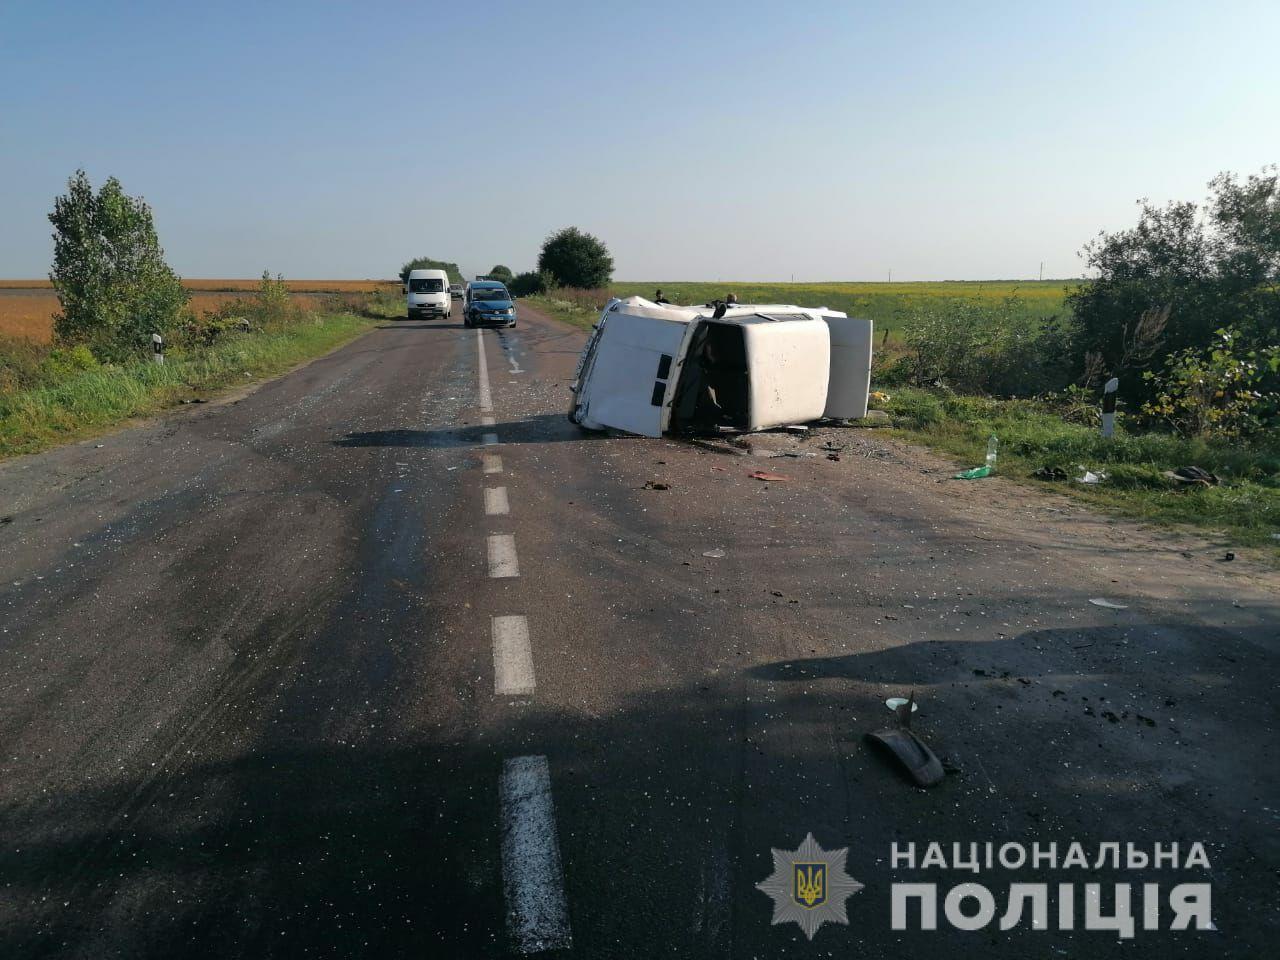 Внаслідок двох ДТП у Ківерцівському районі травмувалися шестеро осіб